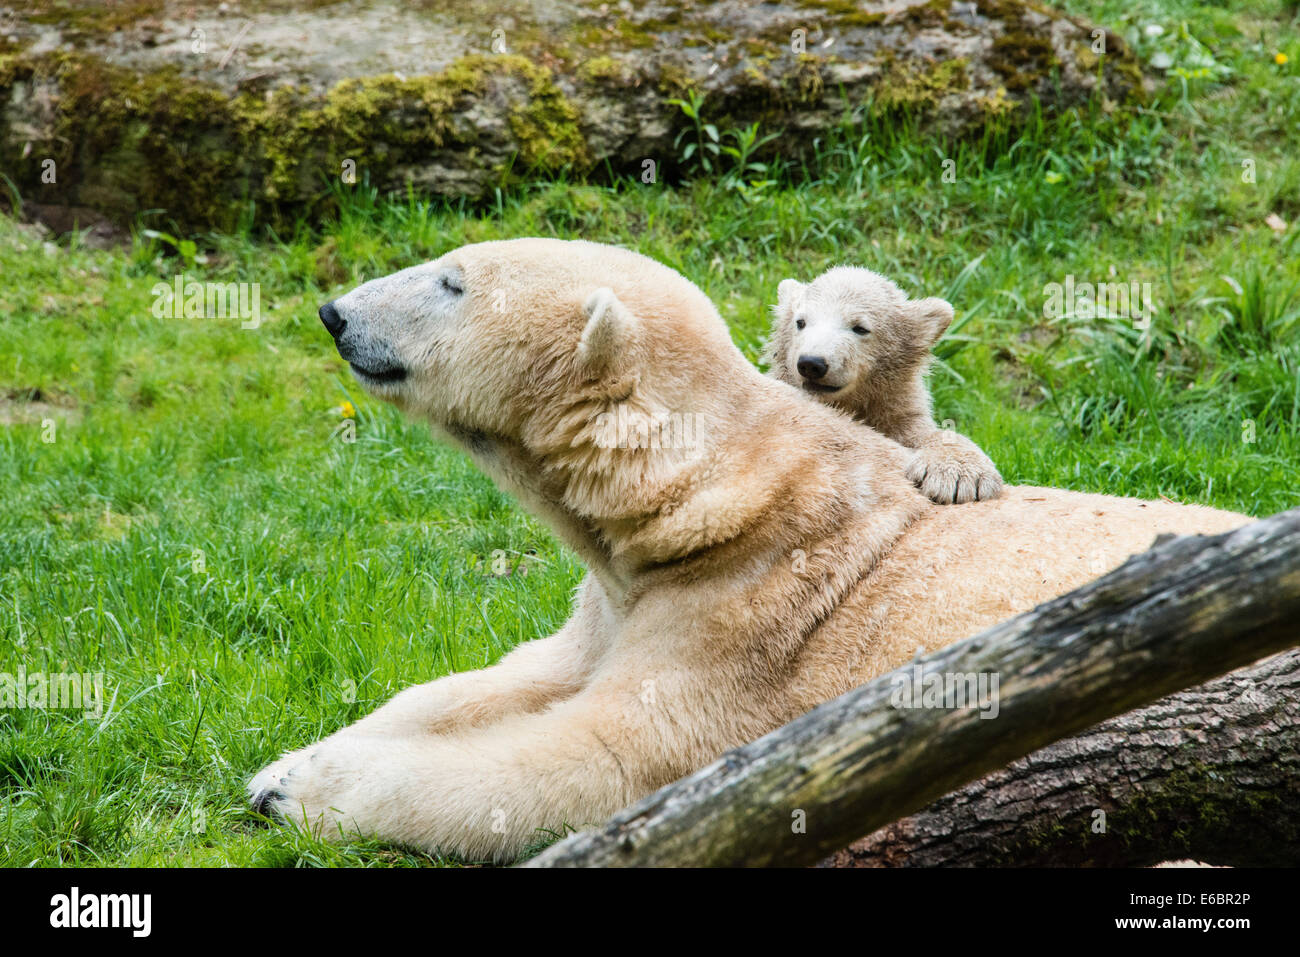 Los osos polares (Ursus maritimus), hembra con jóvenes, zoológico Hellabrunn, en Munich, Baviera, Alemania Foto de stock